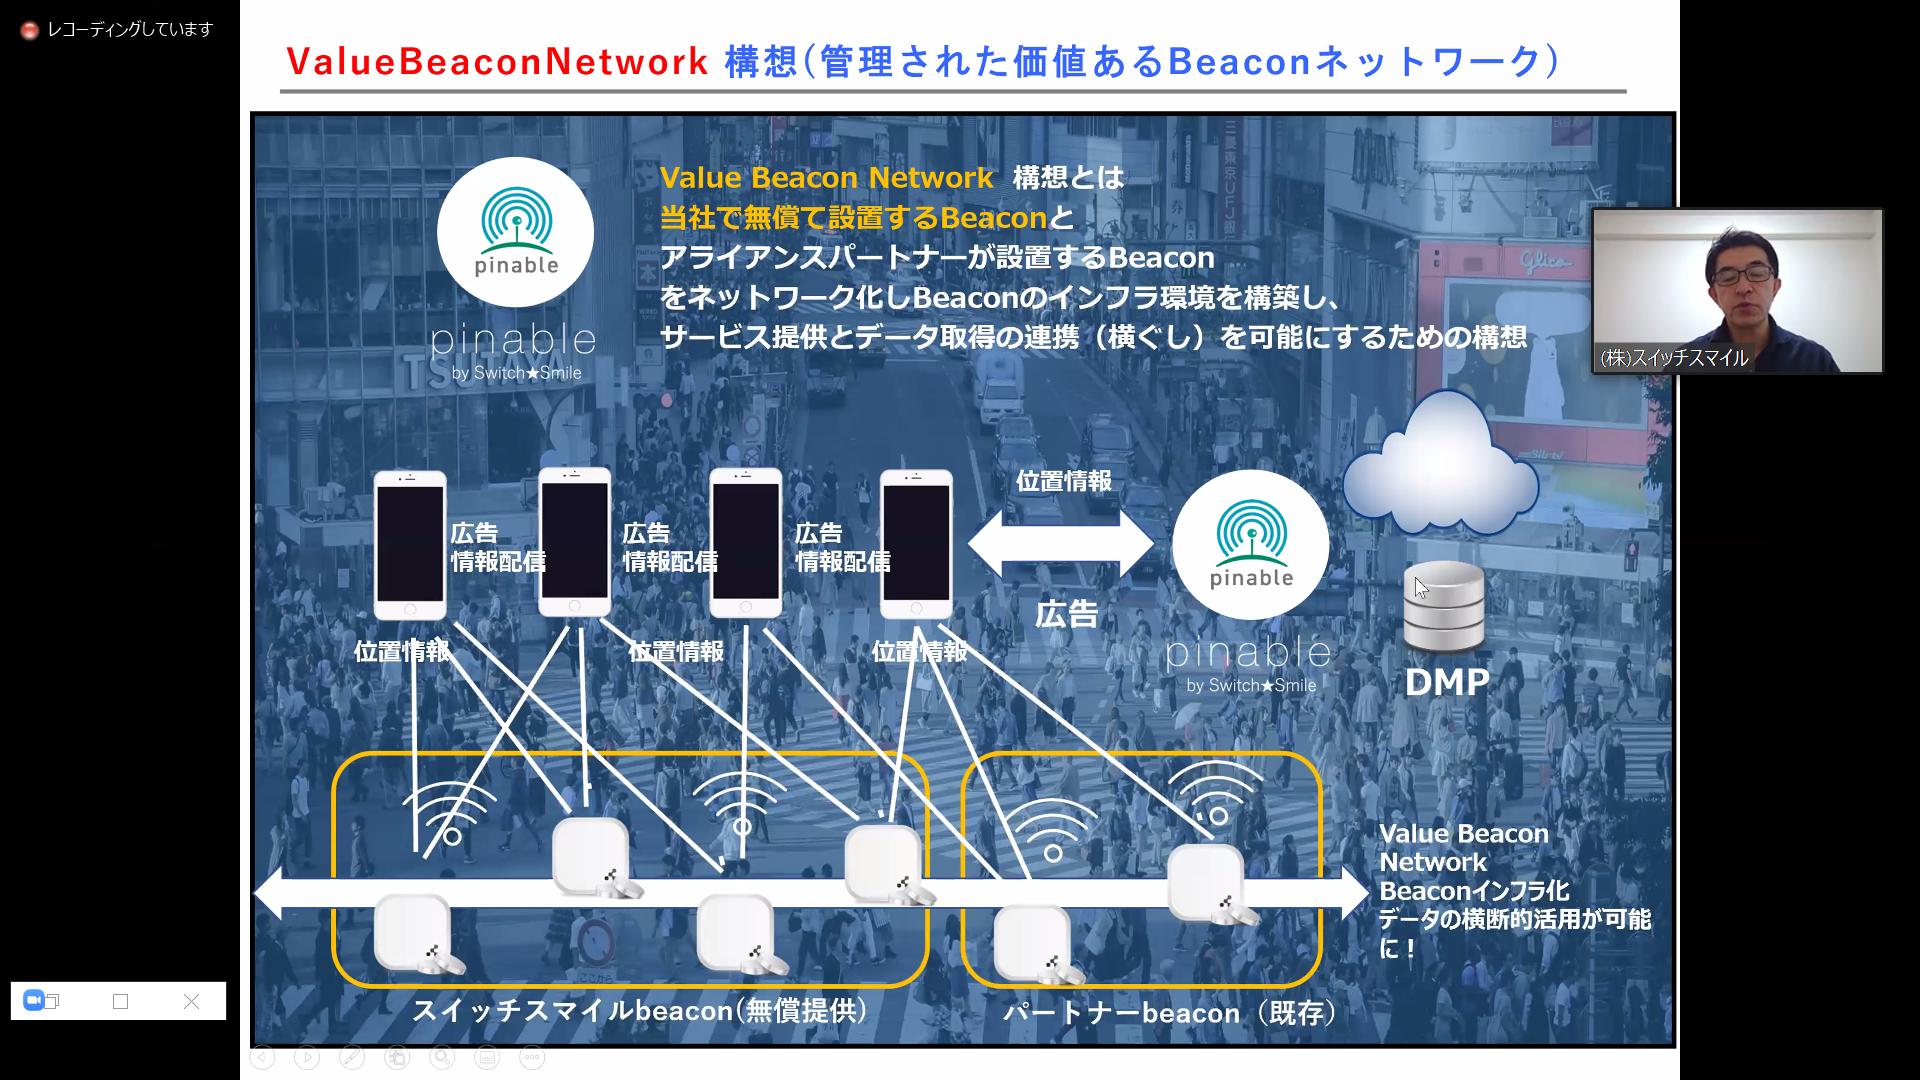 『beaconを活用したPOI位置情報プラットフォーム「pinable」』についてのプレゼンテーション資料